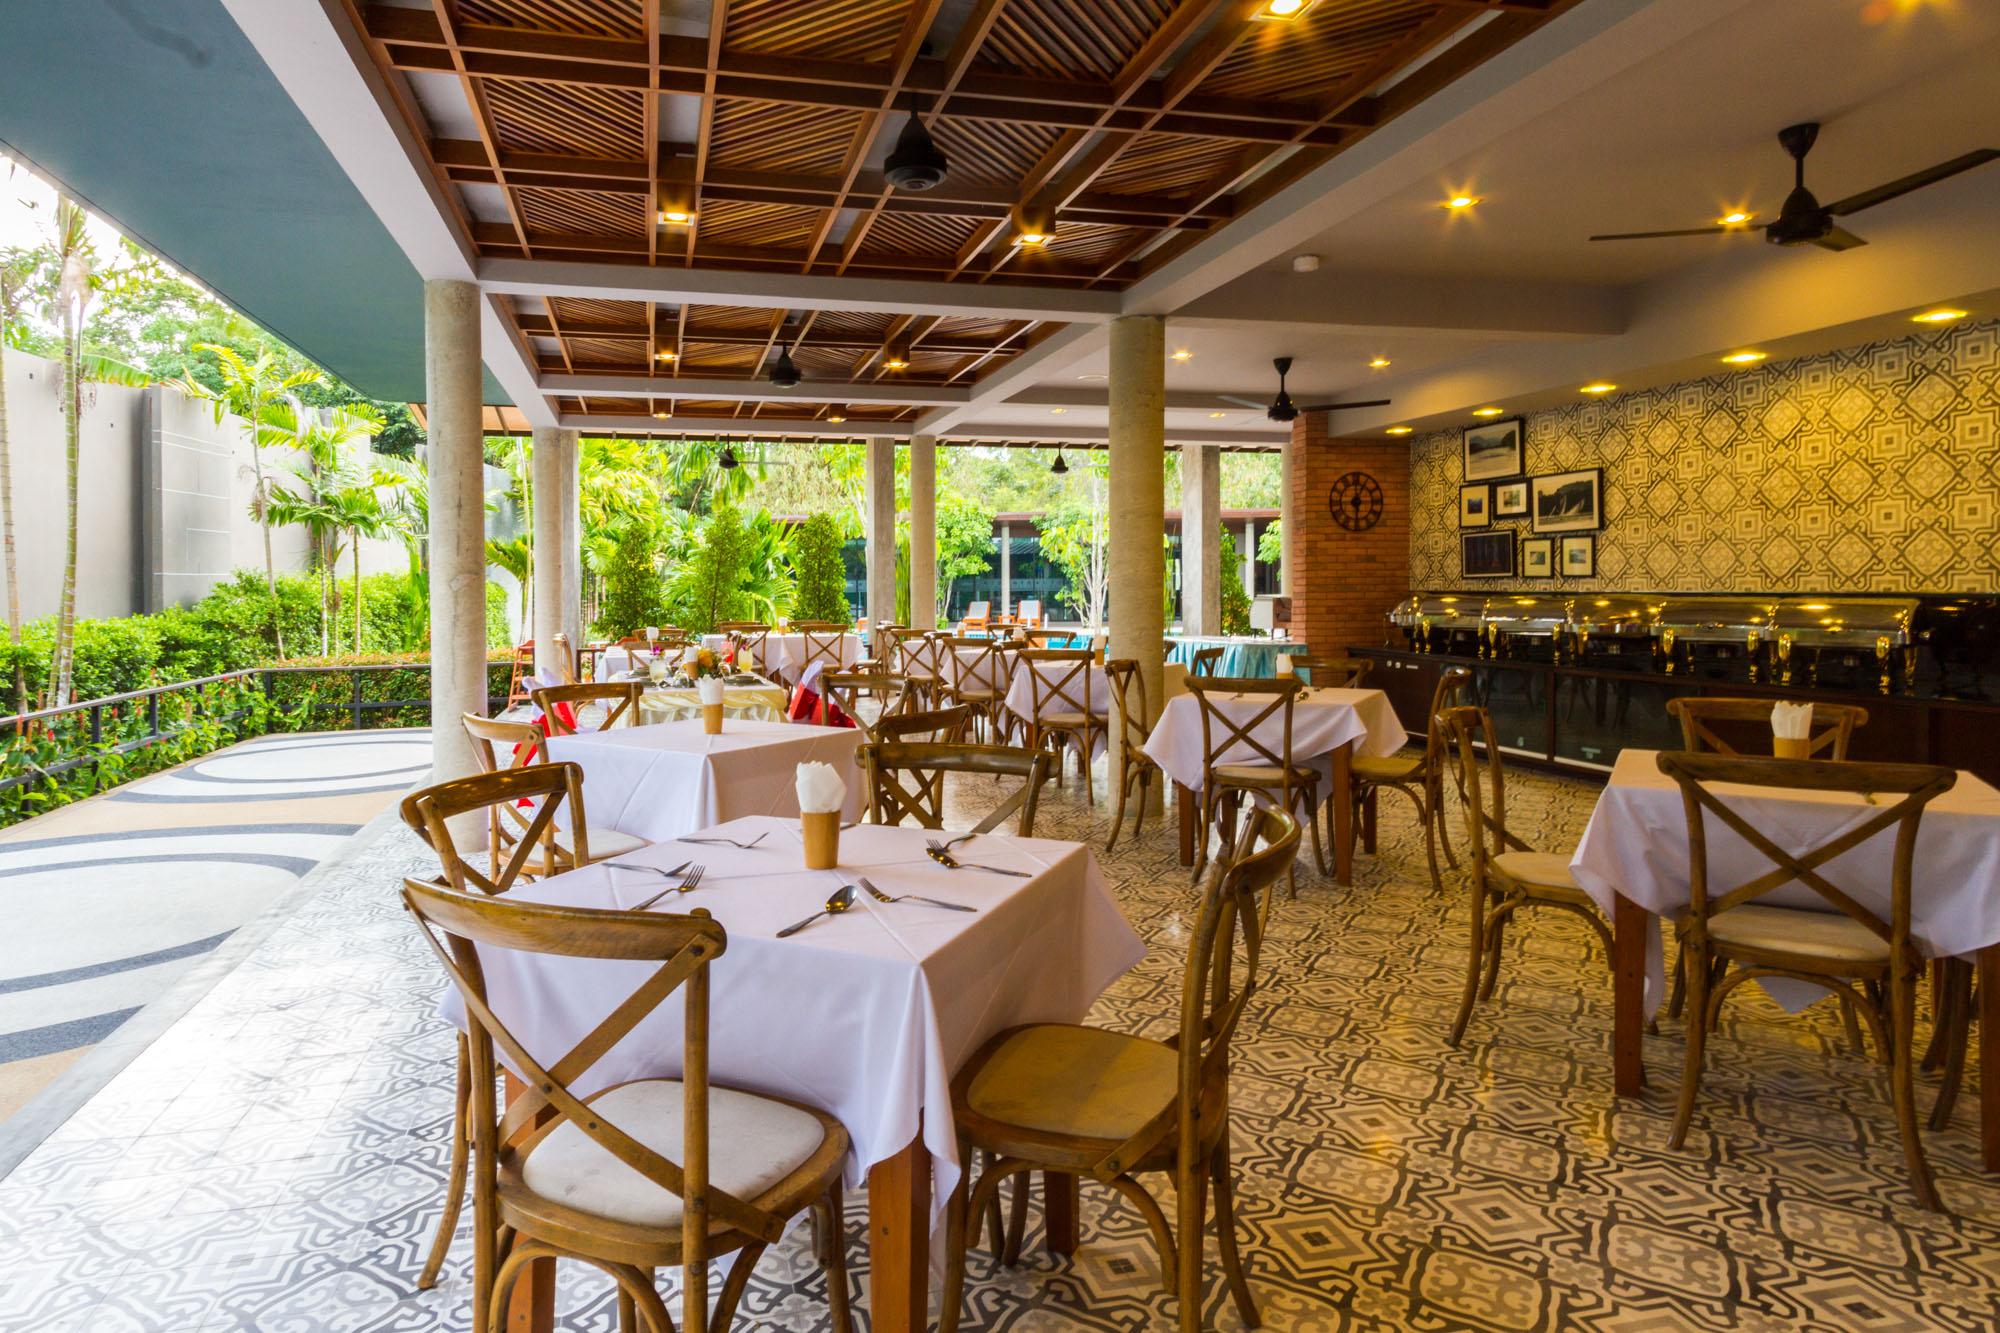 The Tama Hotel Krabi เดอะ ตะมะ โฮเทล  Tama Hotel Krabi เดอะ ตะมะ โฮเทล อ่าวน้ำเมา กระบี่ IMG 0089